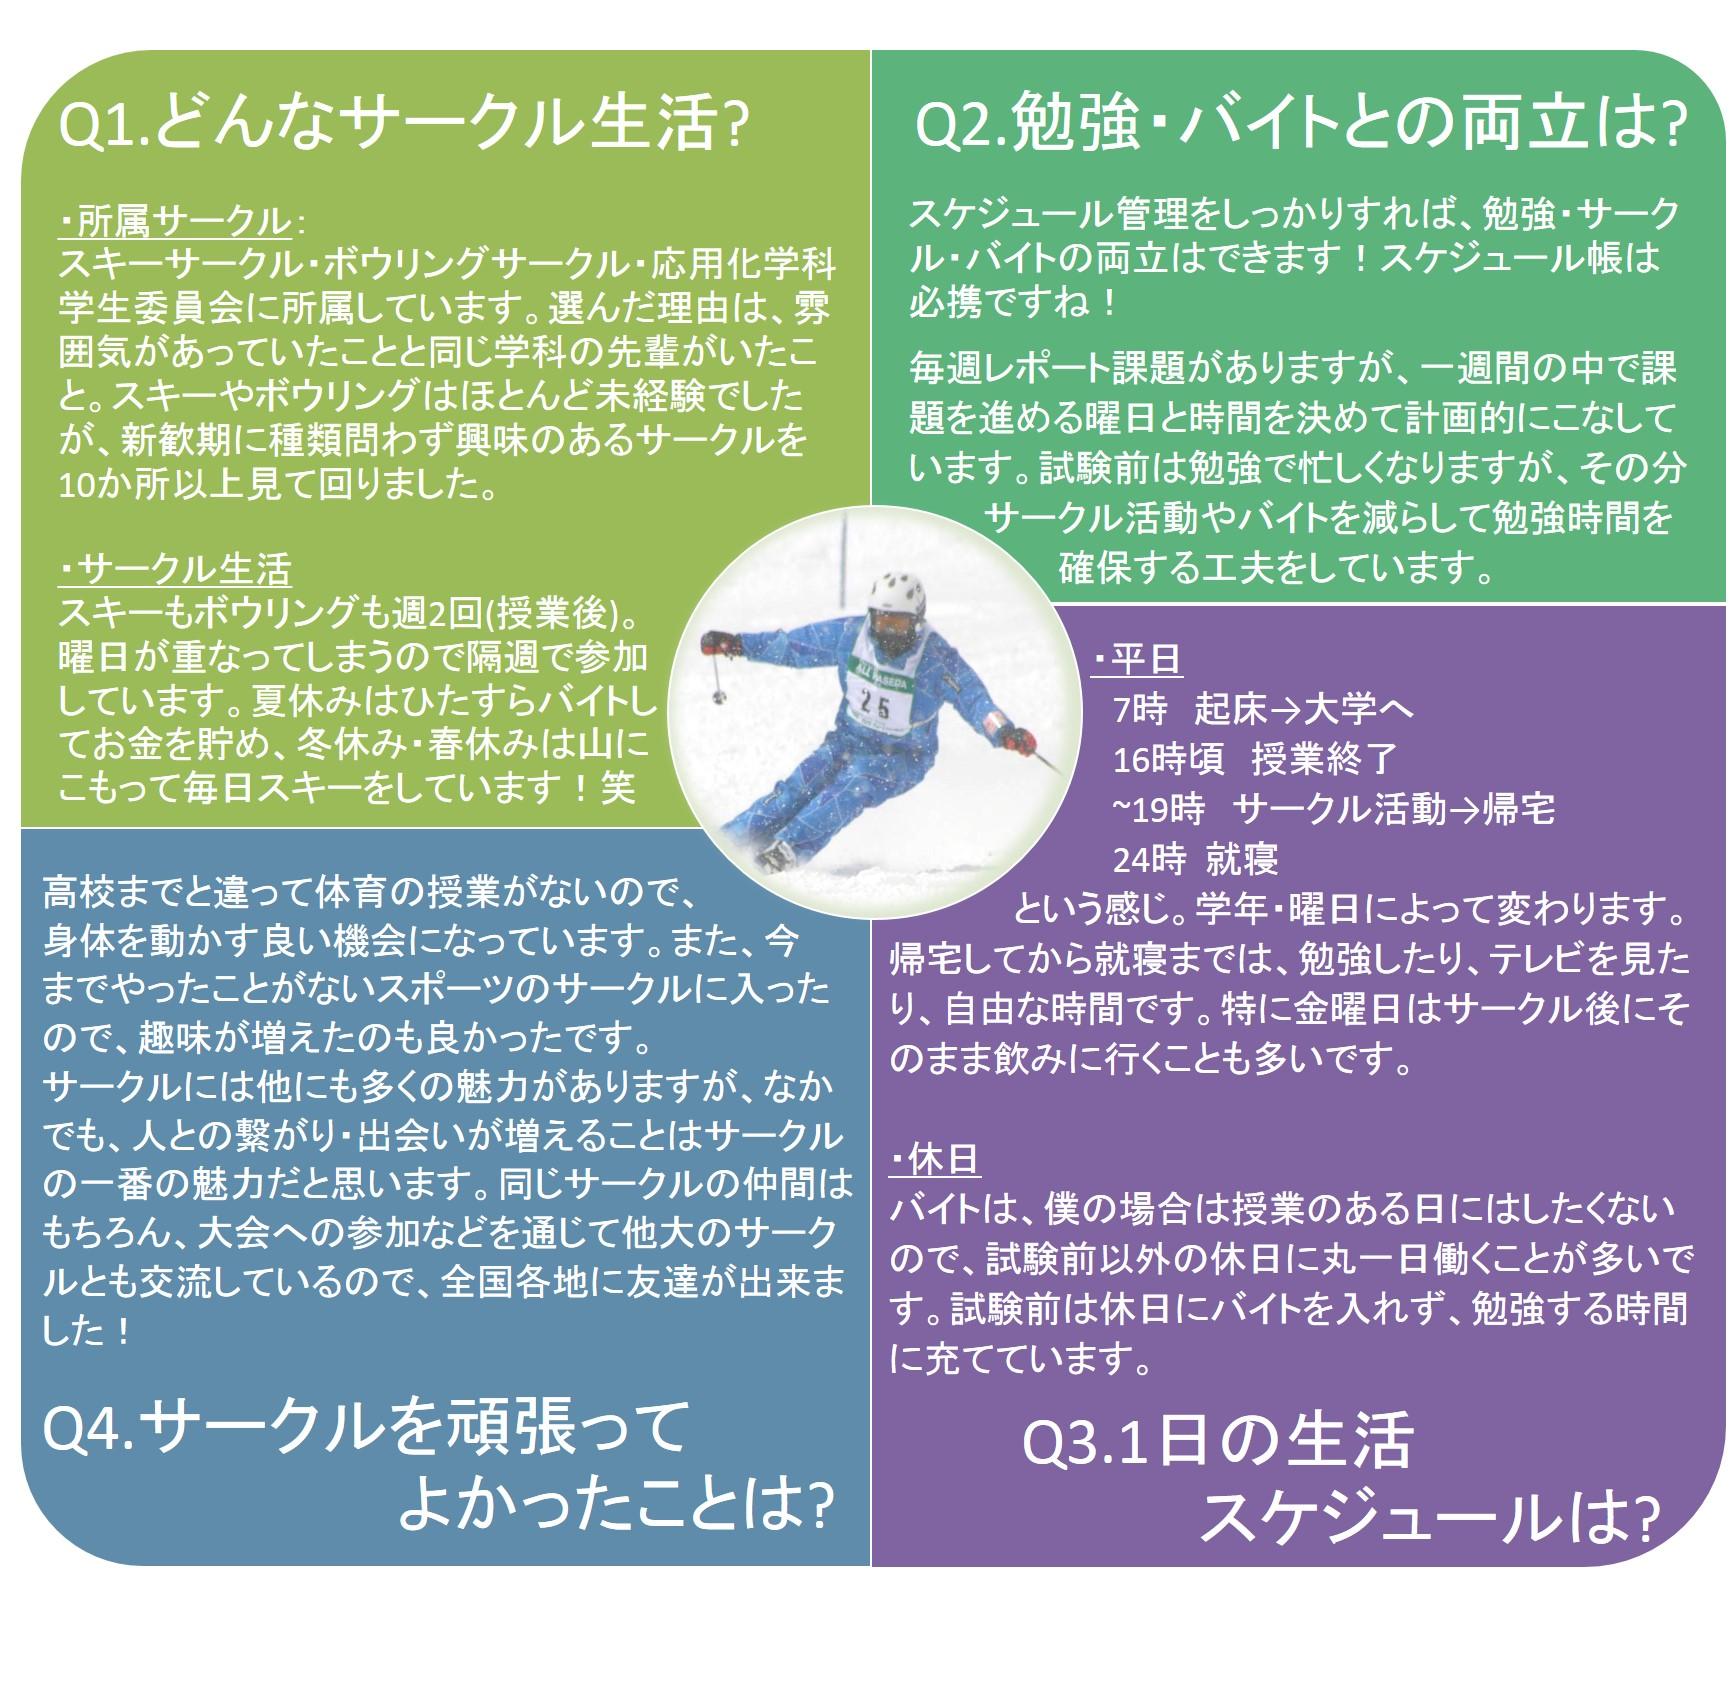 インタビュー記事2.jpg